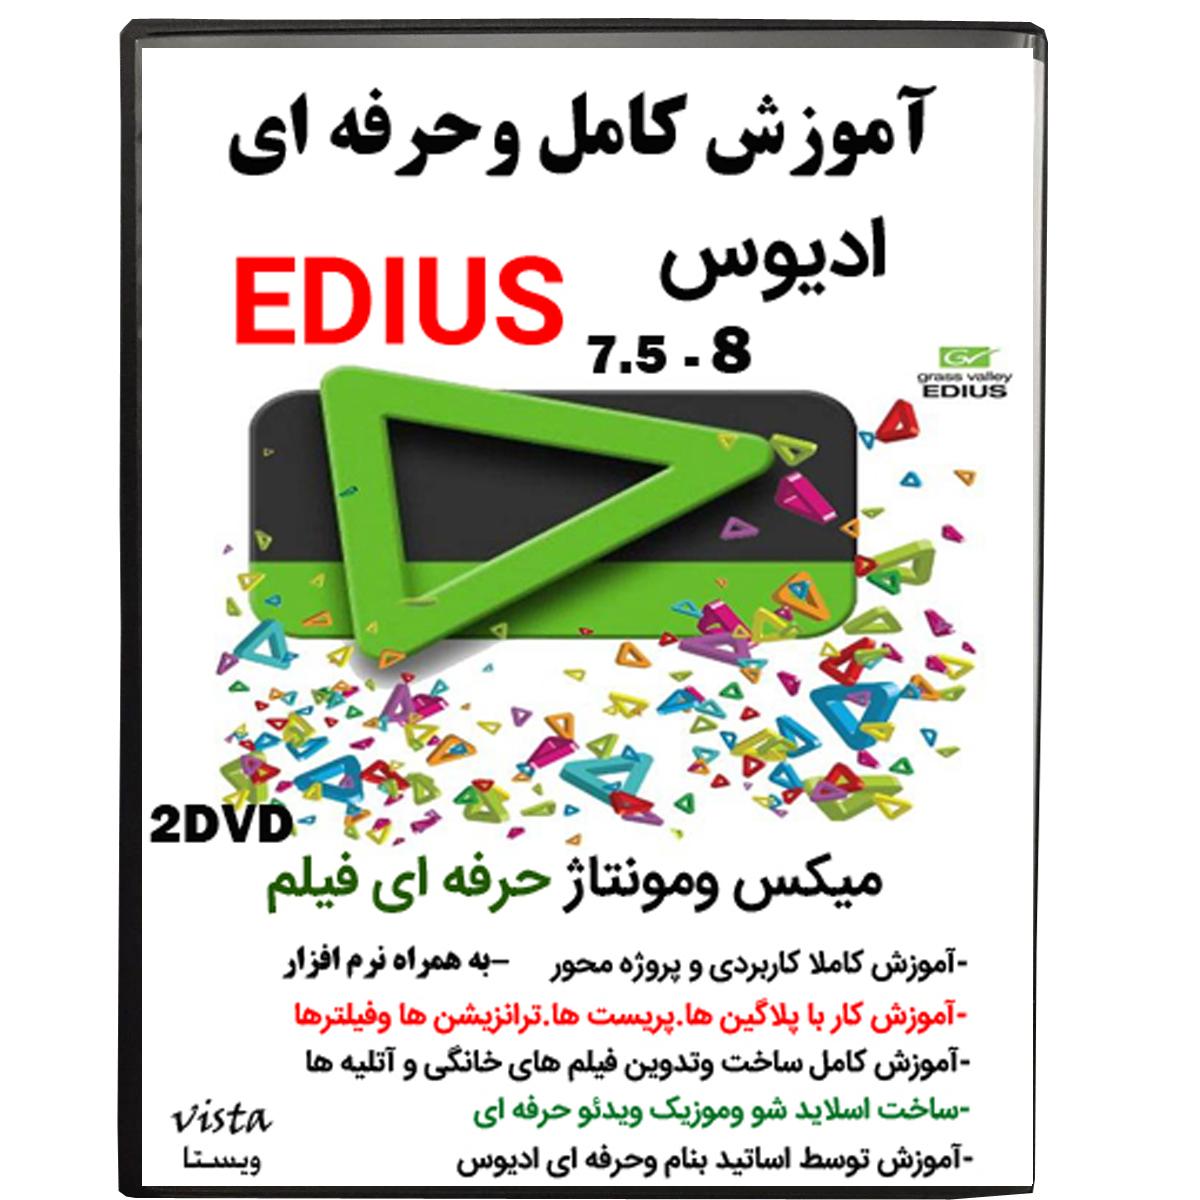 نرم افزار آموزش کامل EDIUS نشر ویستا